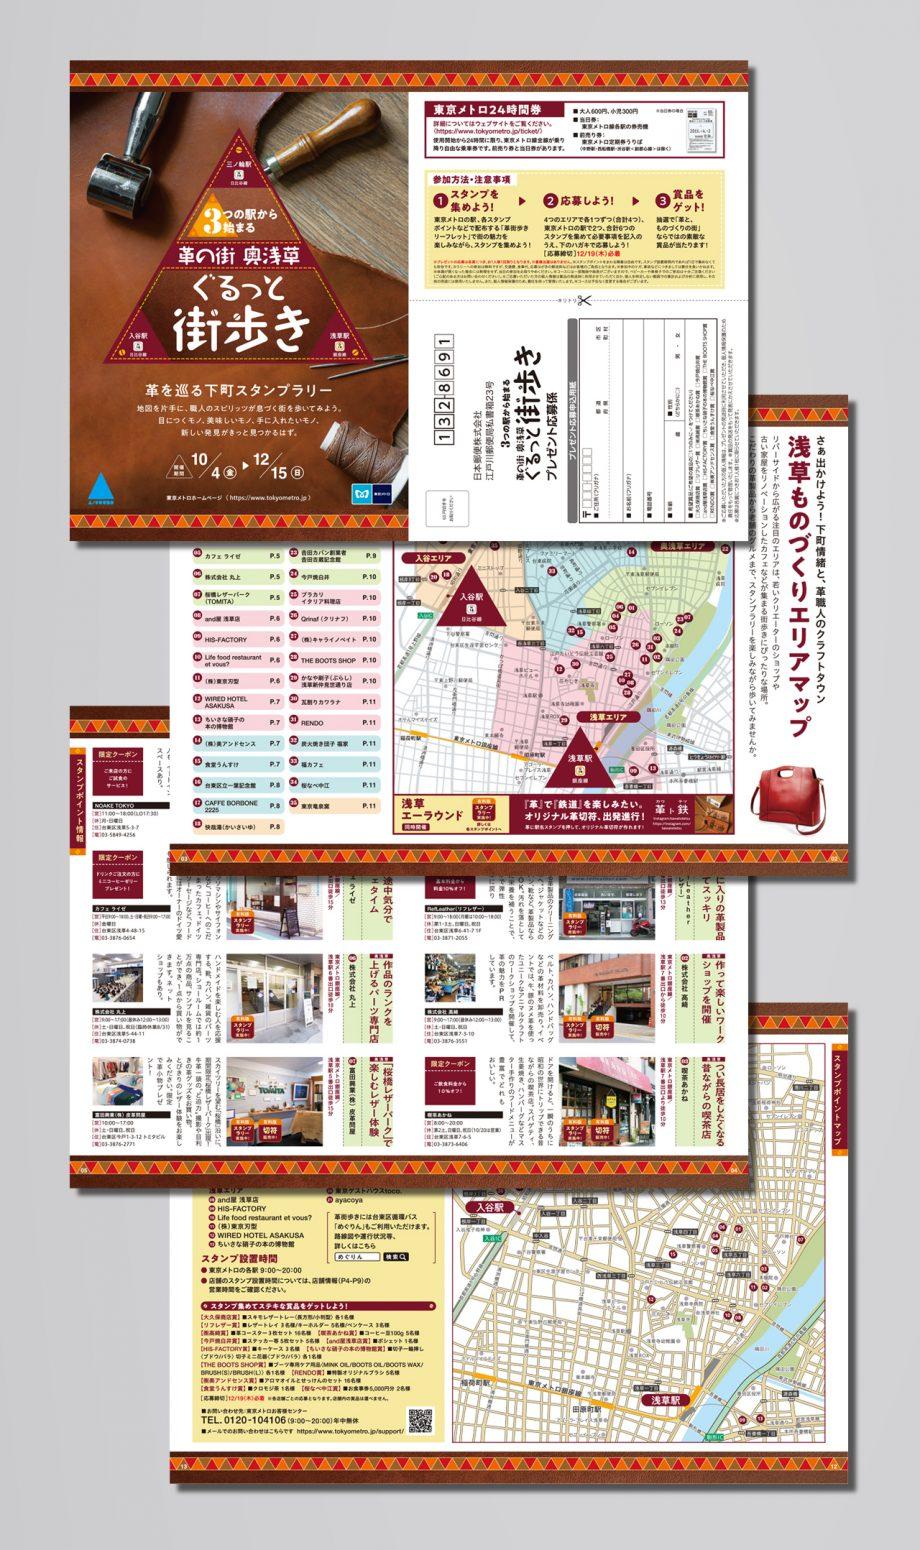 1280x1280+_basekawamachi03